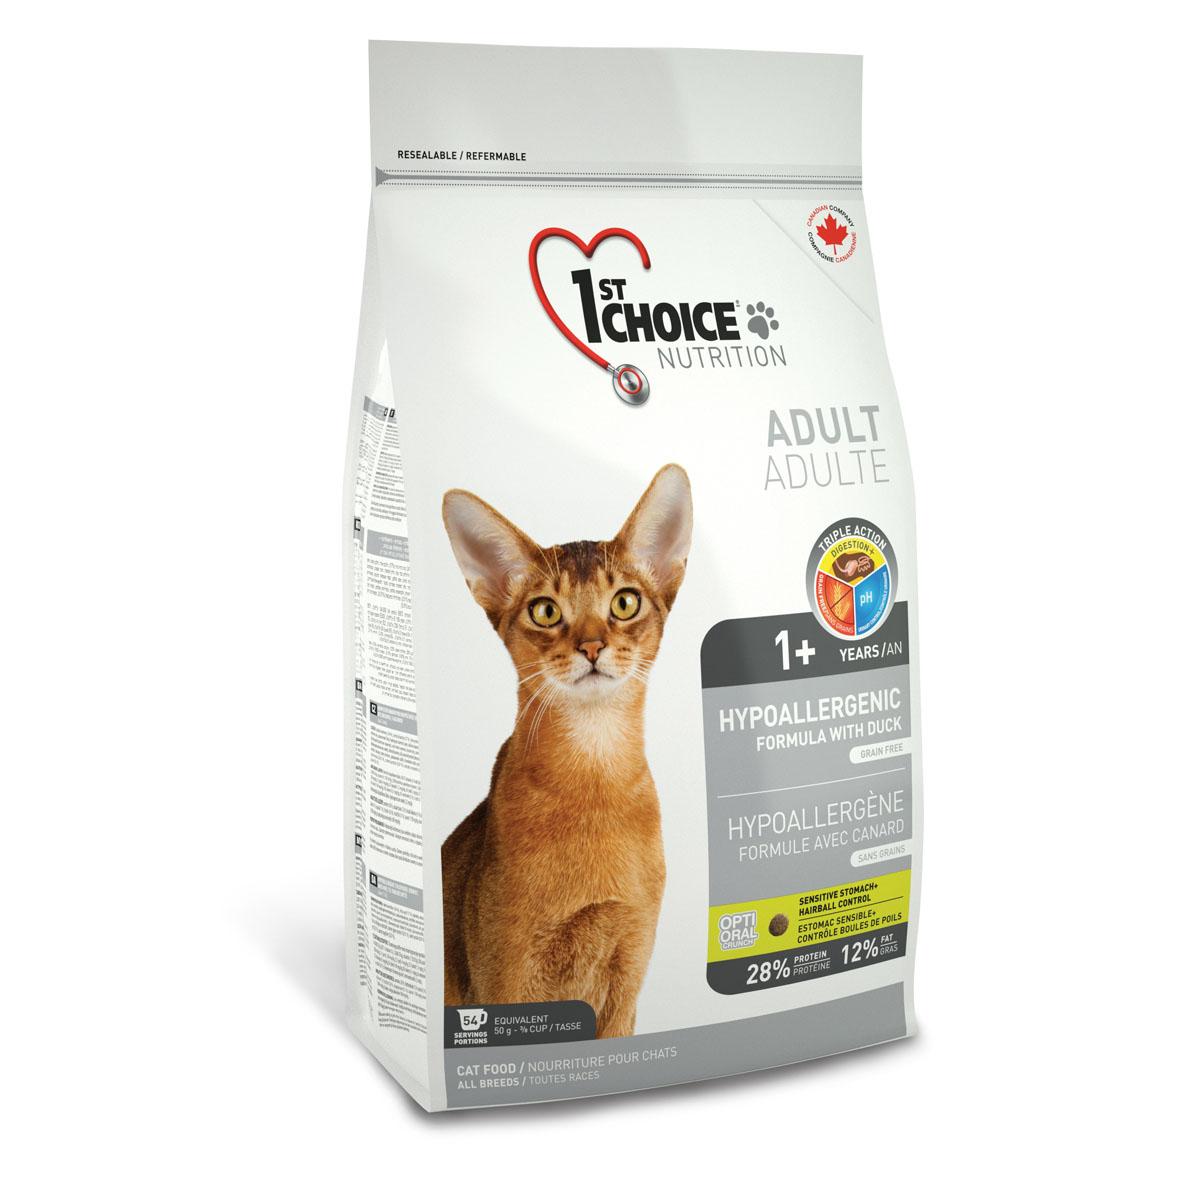 Корм сухой 1st Choice Adult для взрослых кошек, гипоалергенный, беззерновой, с уткой и картофелем, 2,72 кг